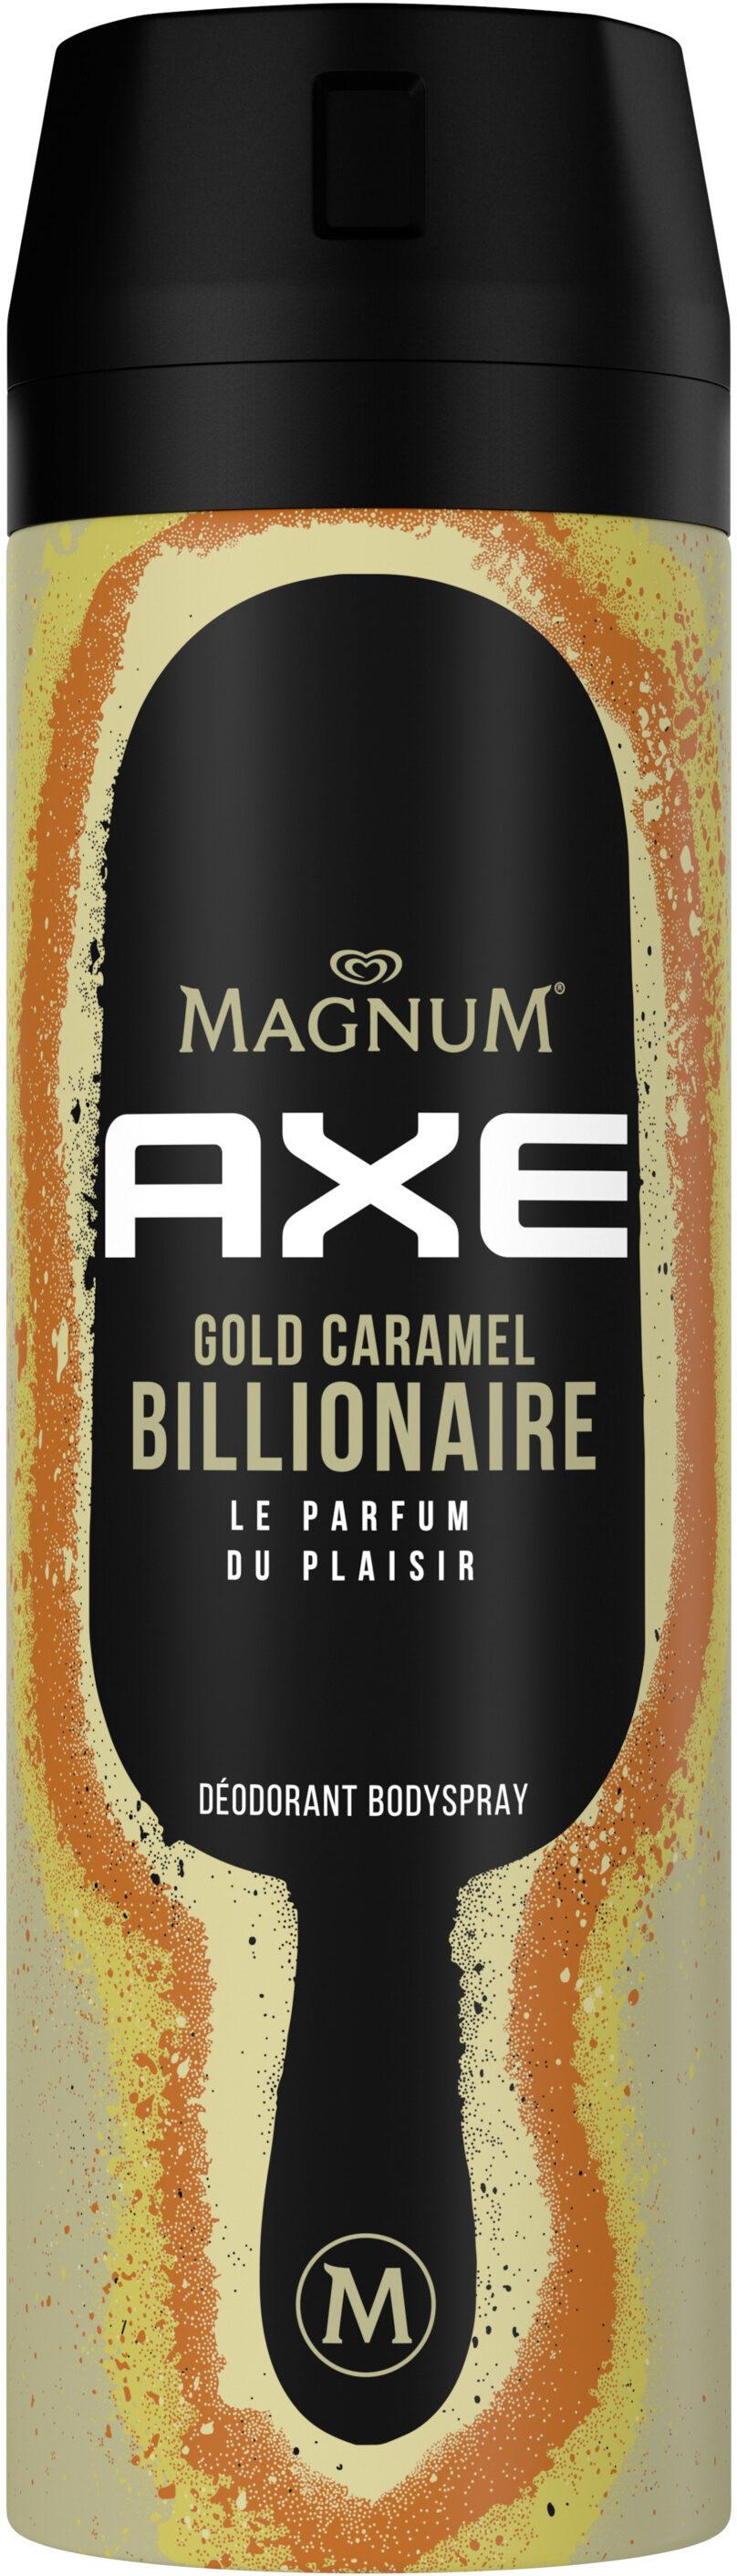 Axe Déodorant Bodyspray Magnum Gold Caramel Billionaire 48h Non-Stop Frais - Product - fr